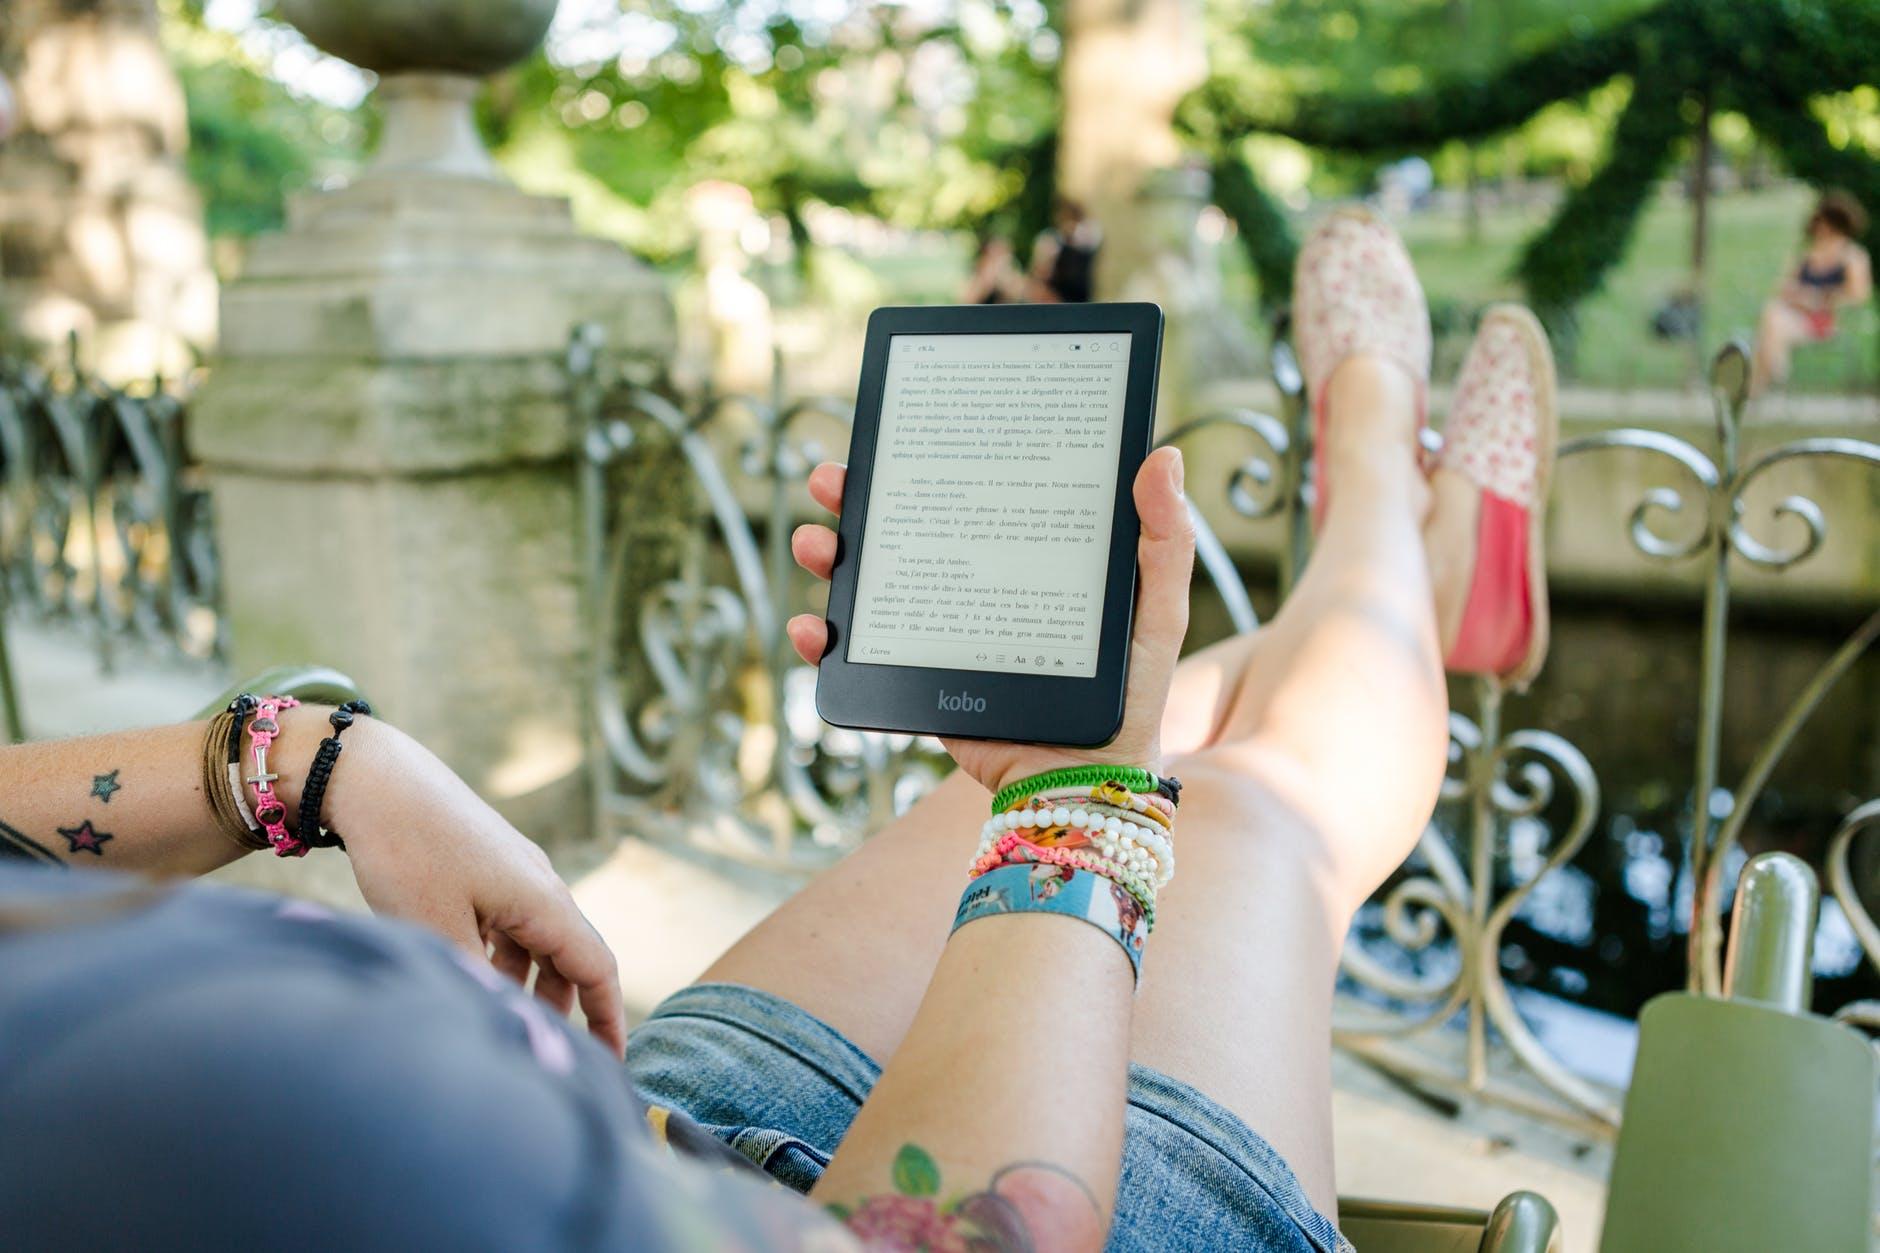 Slik leser du e-bøker på PC, nettbrett og telefon